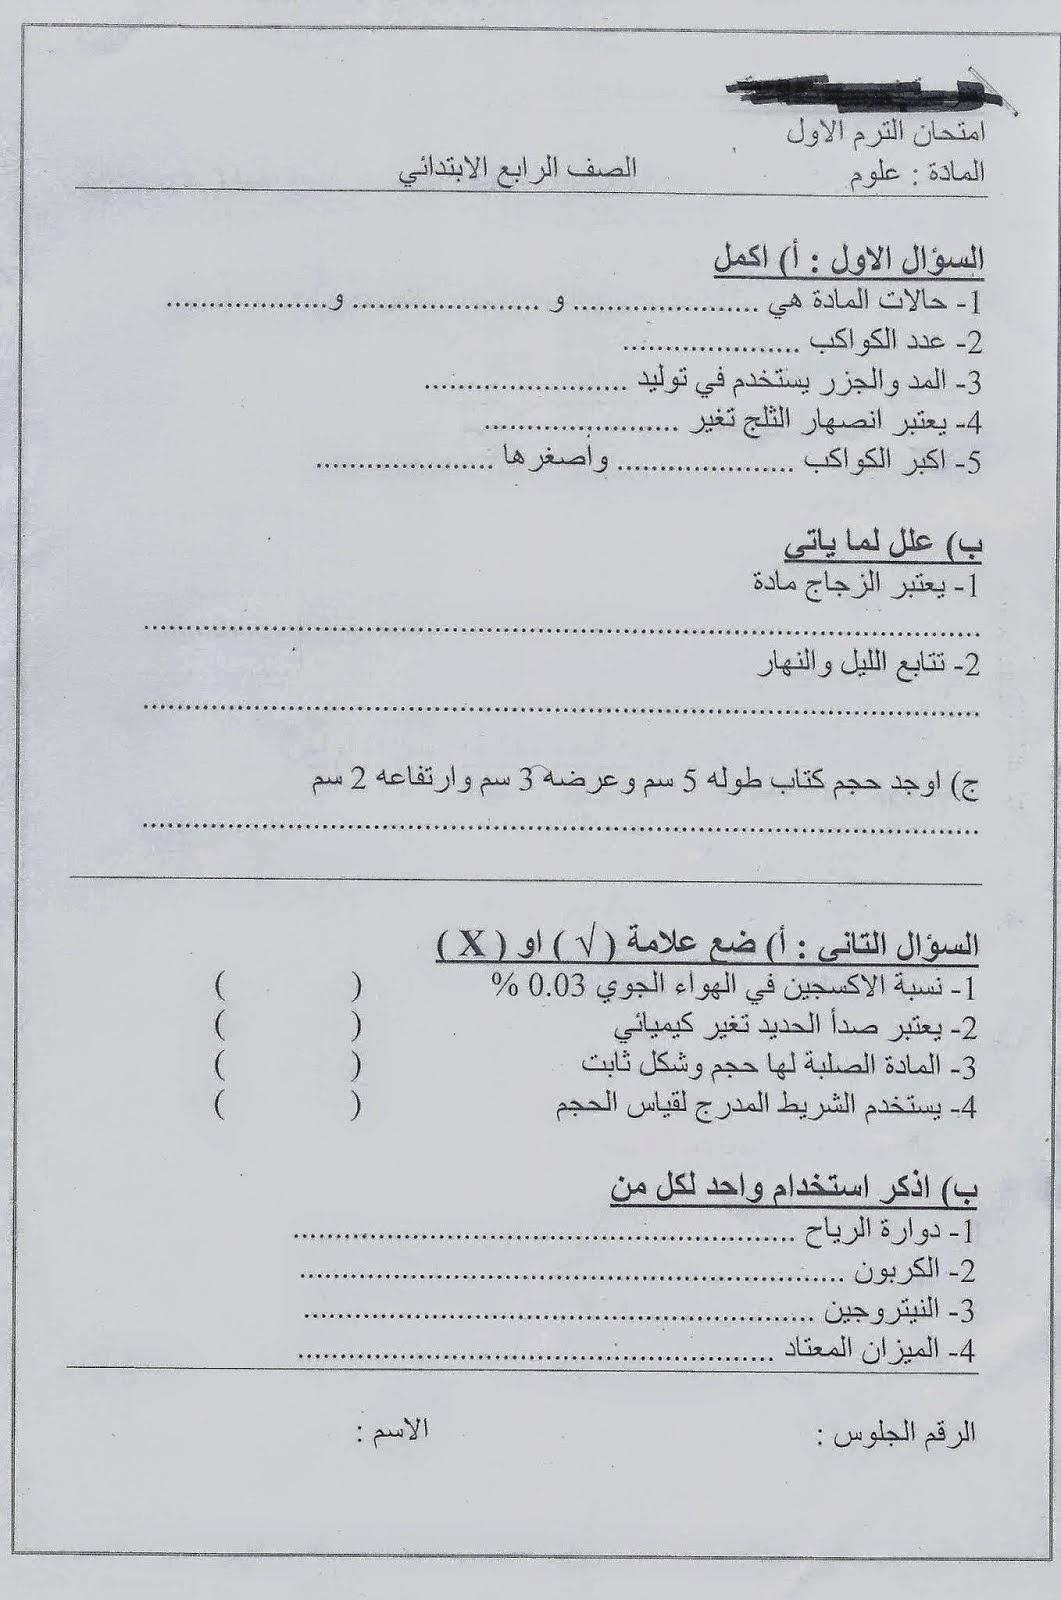 امتحانات كل مواد الصف الرابع الابتدائي الترم الأول 2015 مدارس مصر حكومى و لغات scan0092.jpg